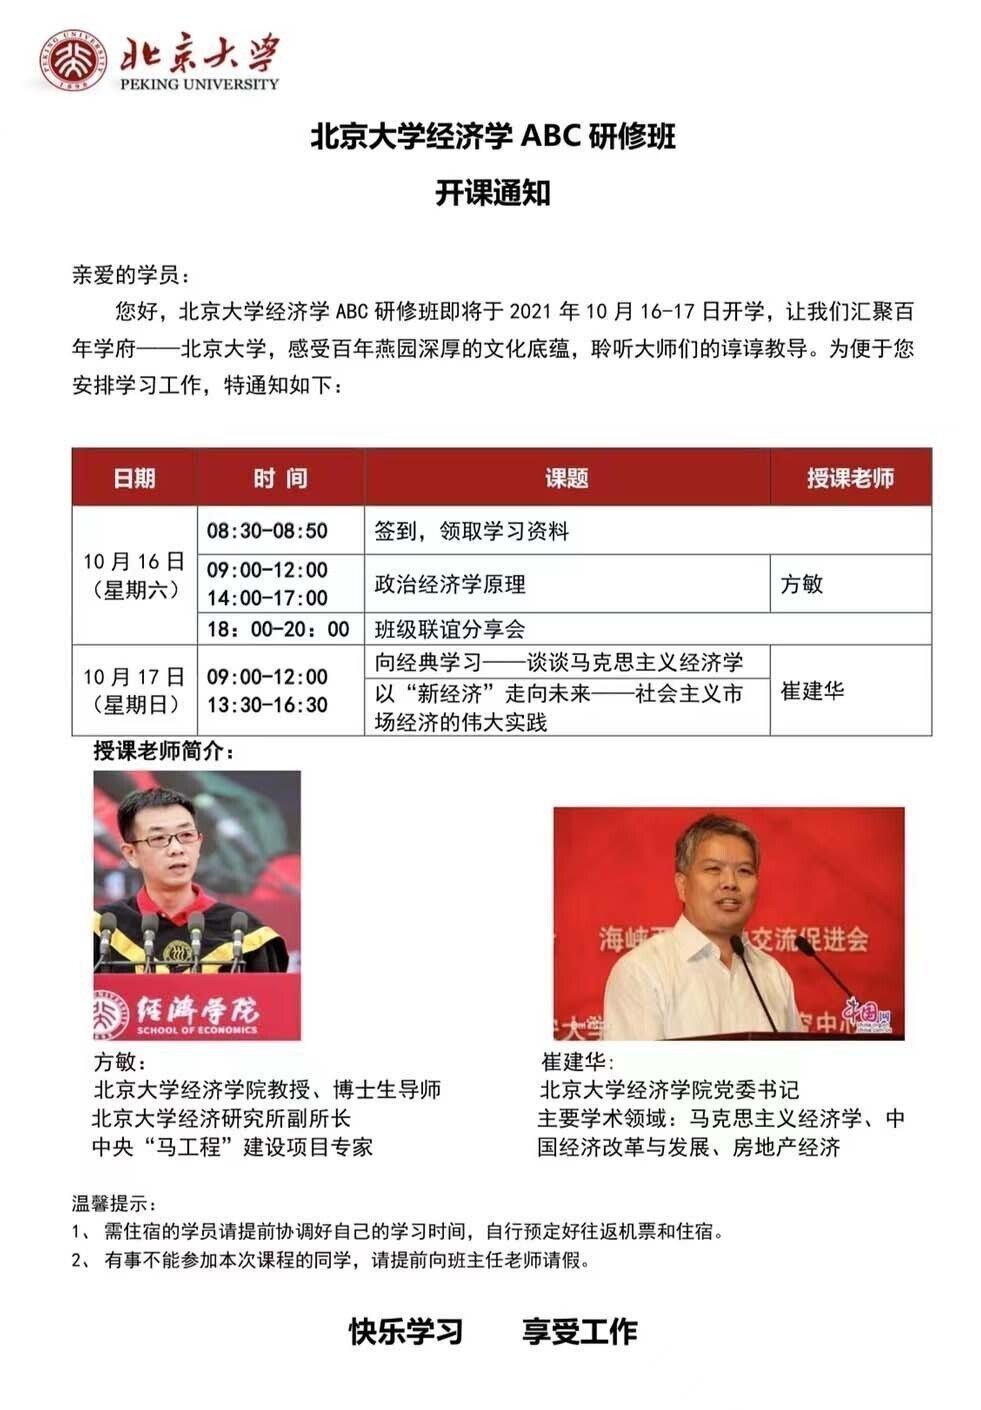 北京大学经济学ABC 研修班